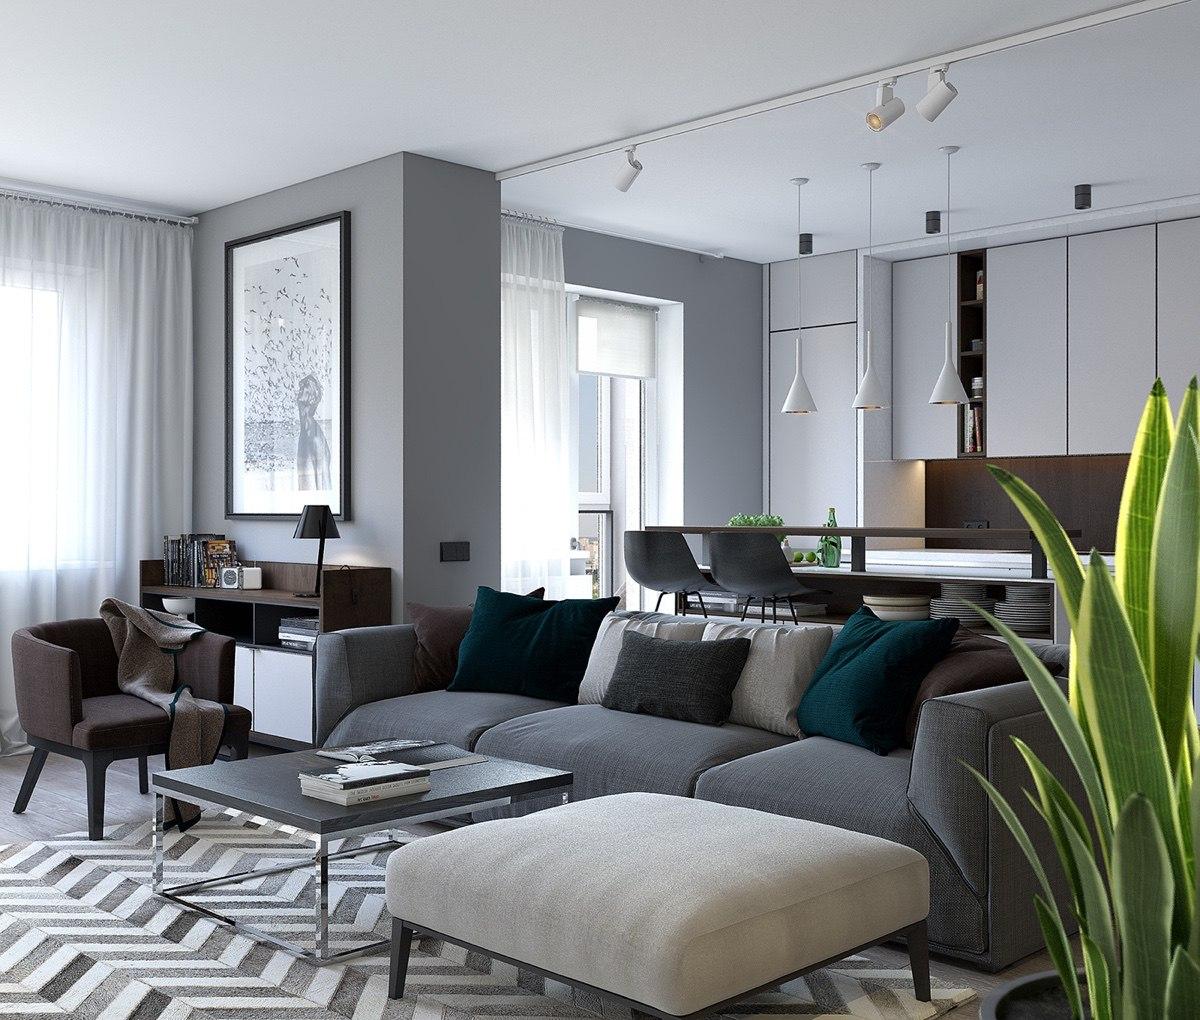 Thiết kế nội thất nhà chung cư đẹp 1